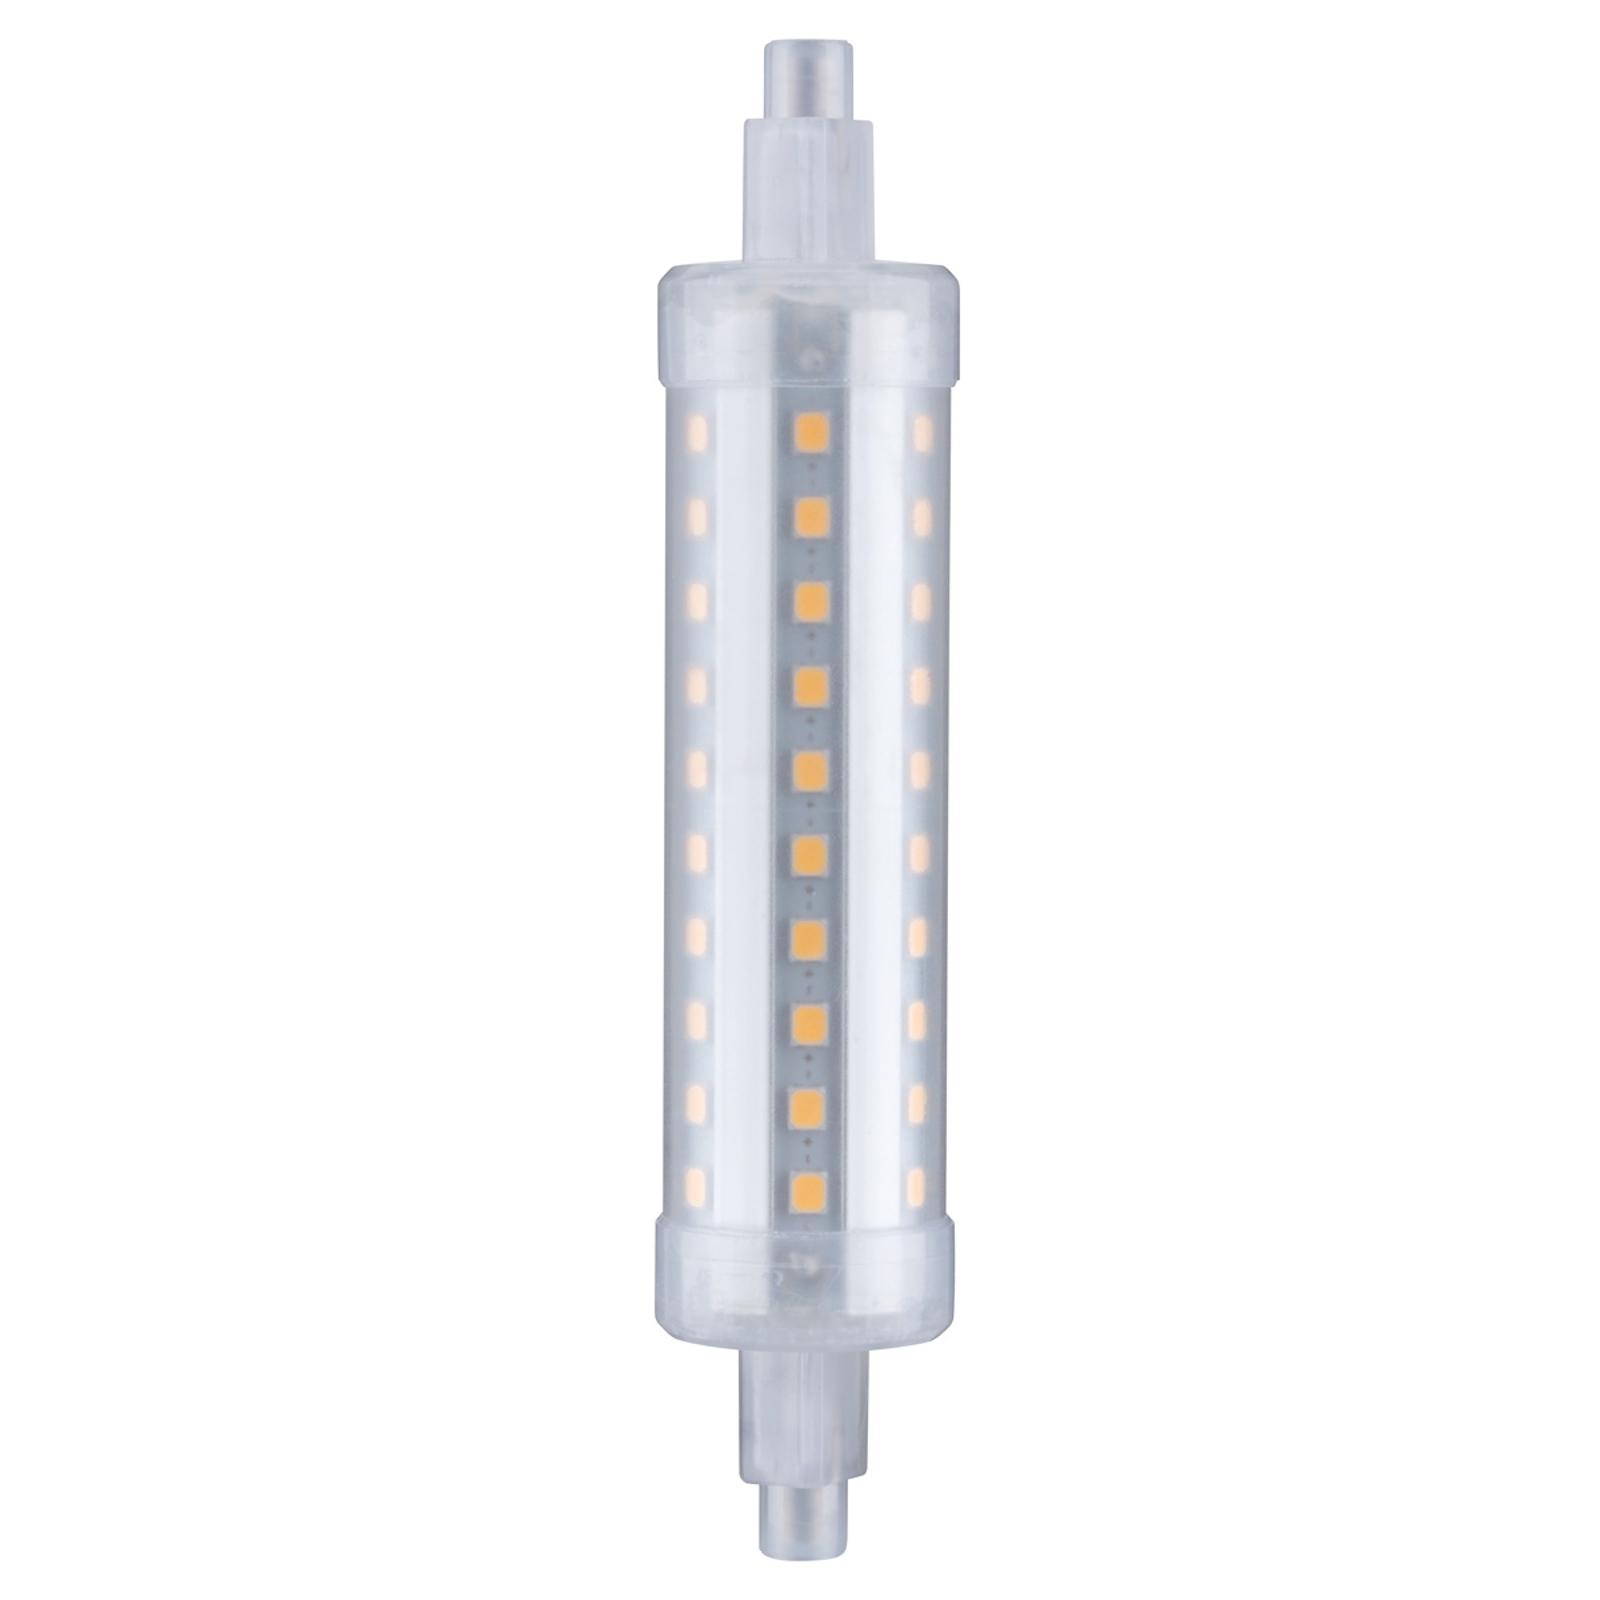 R7s 9 W 827 LED-pære